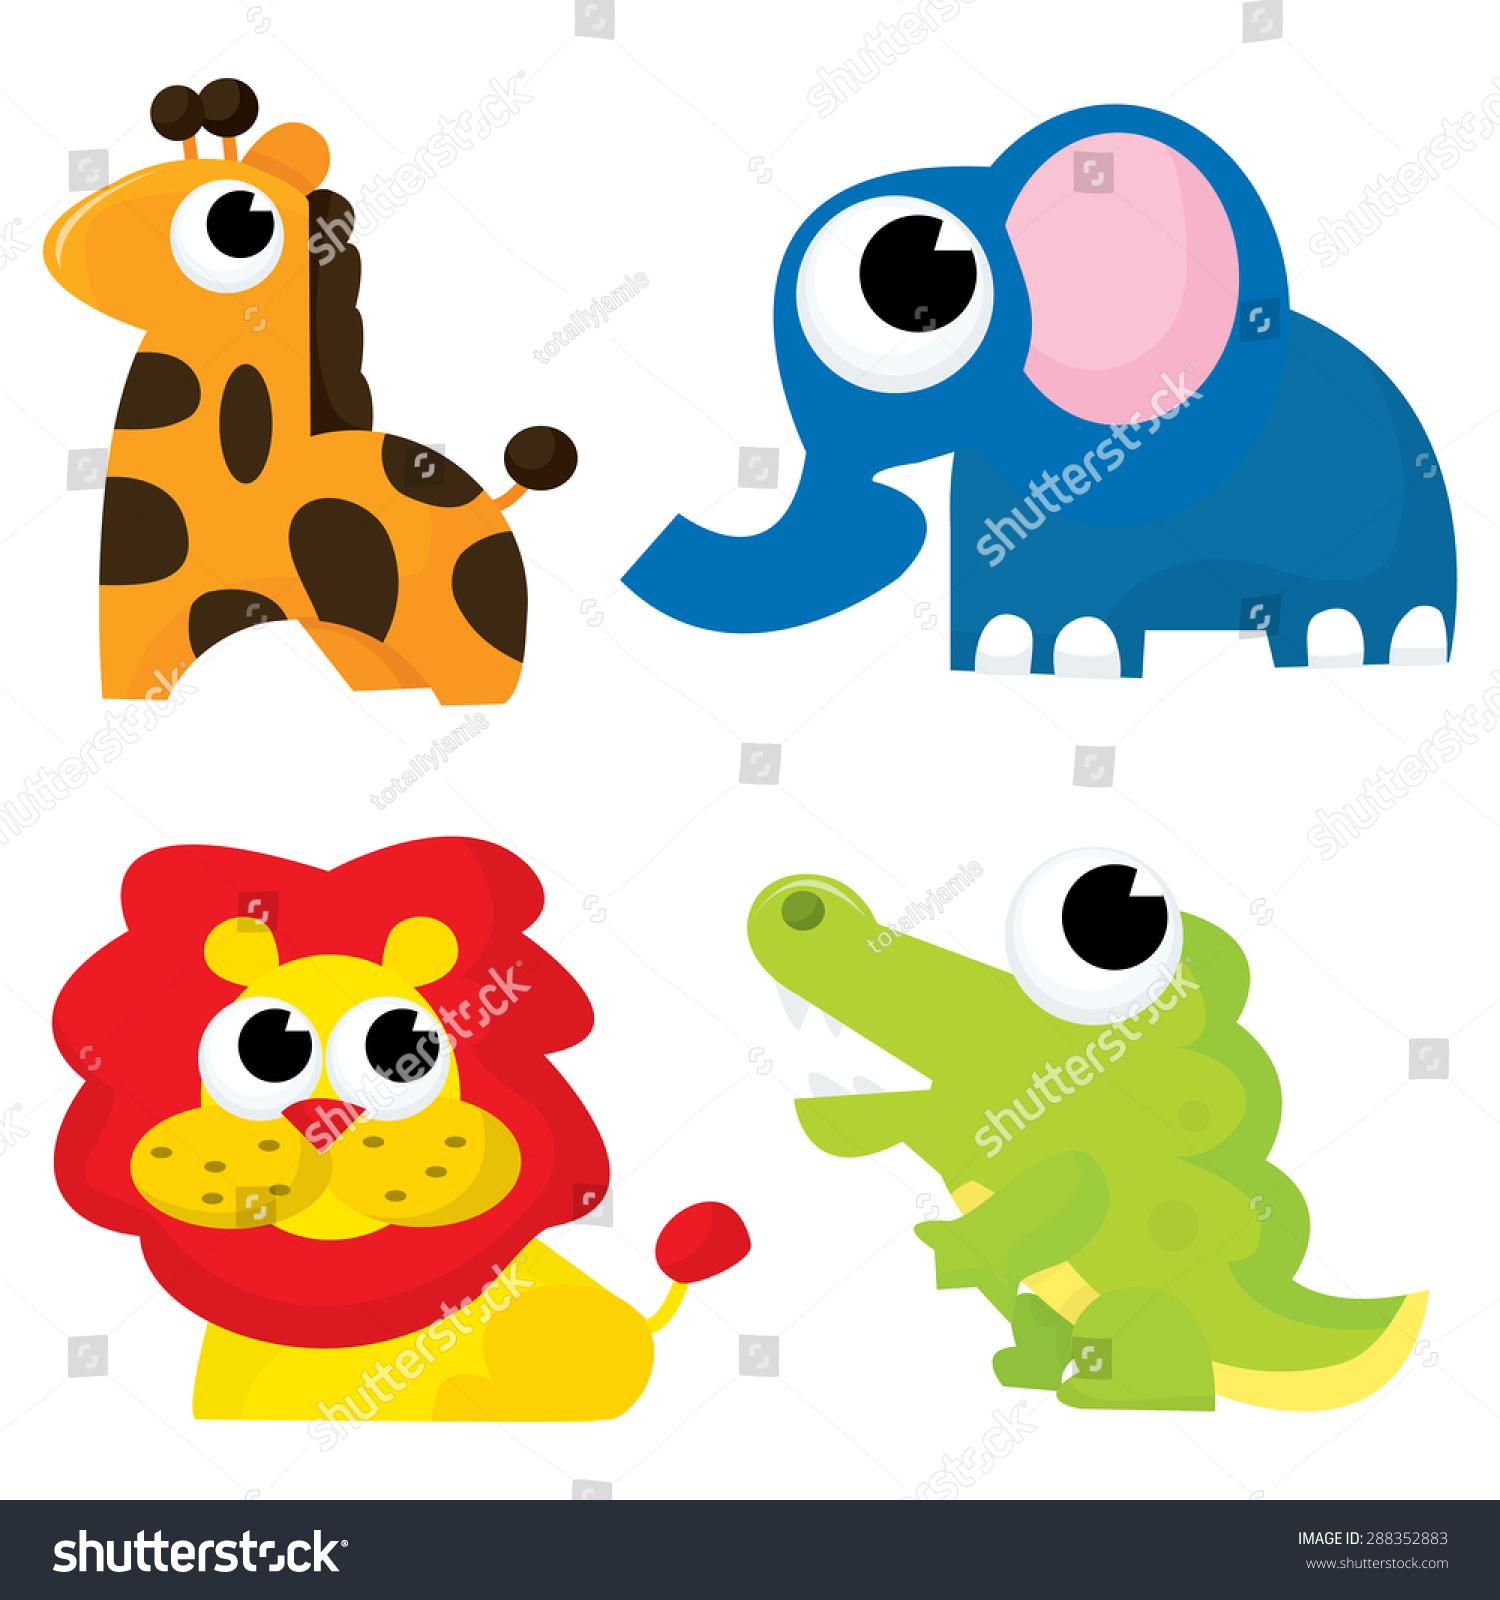 一组四个野生卡通动物,像长颈鹿,大象,狮子和鳄鱼.